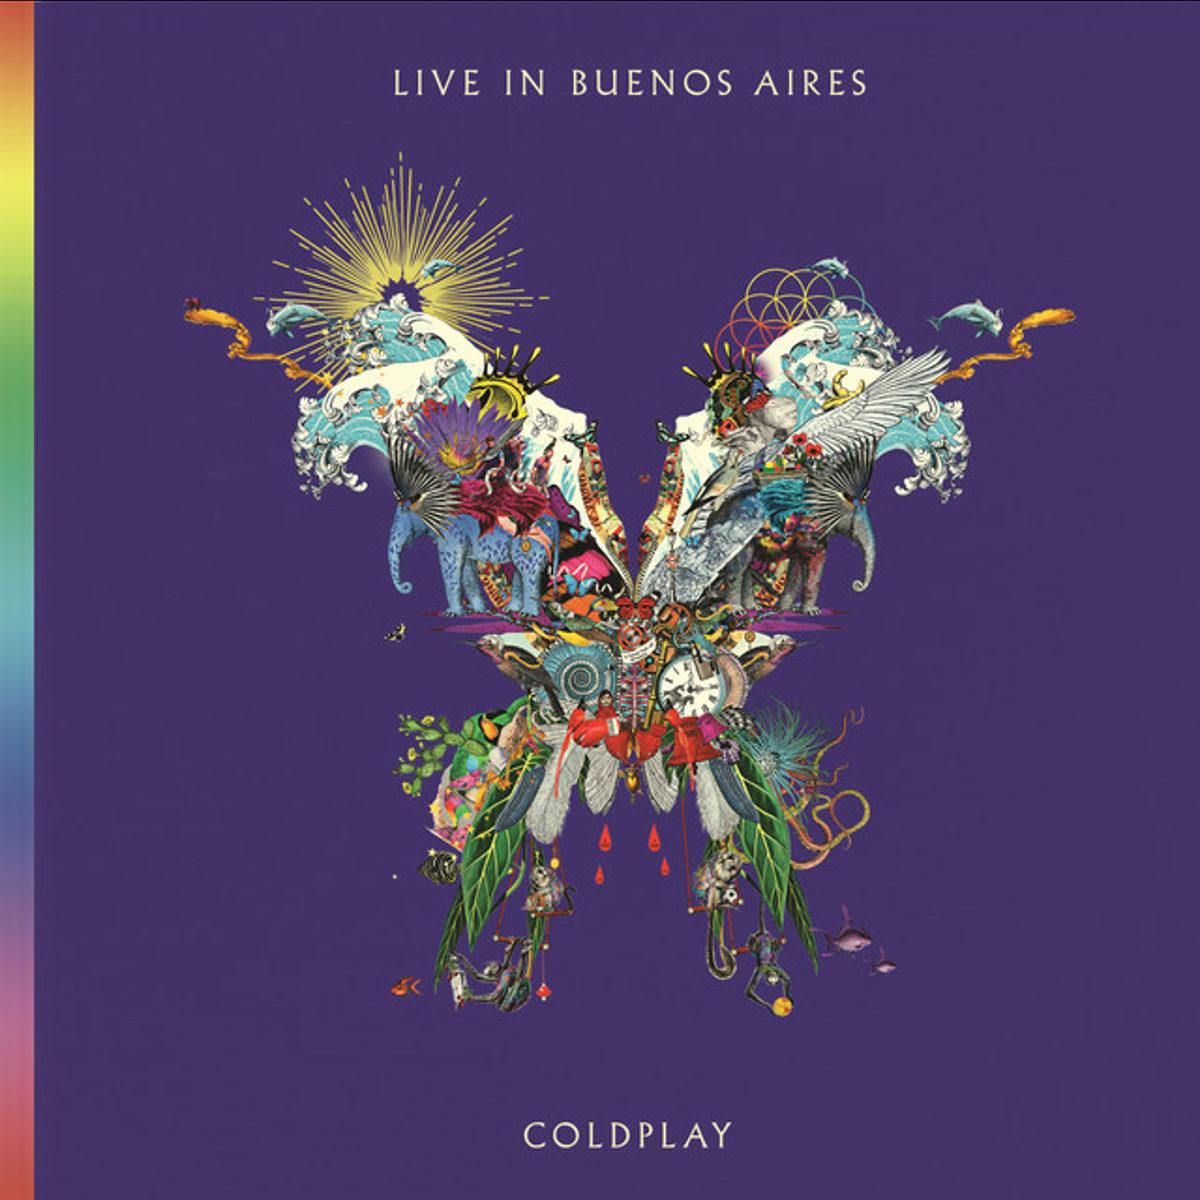 コールドプレイのライブアルバム ライヴ・イン・ブエノスアイレス